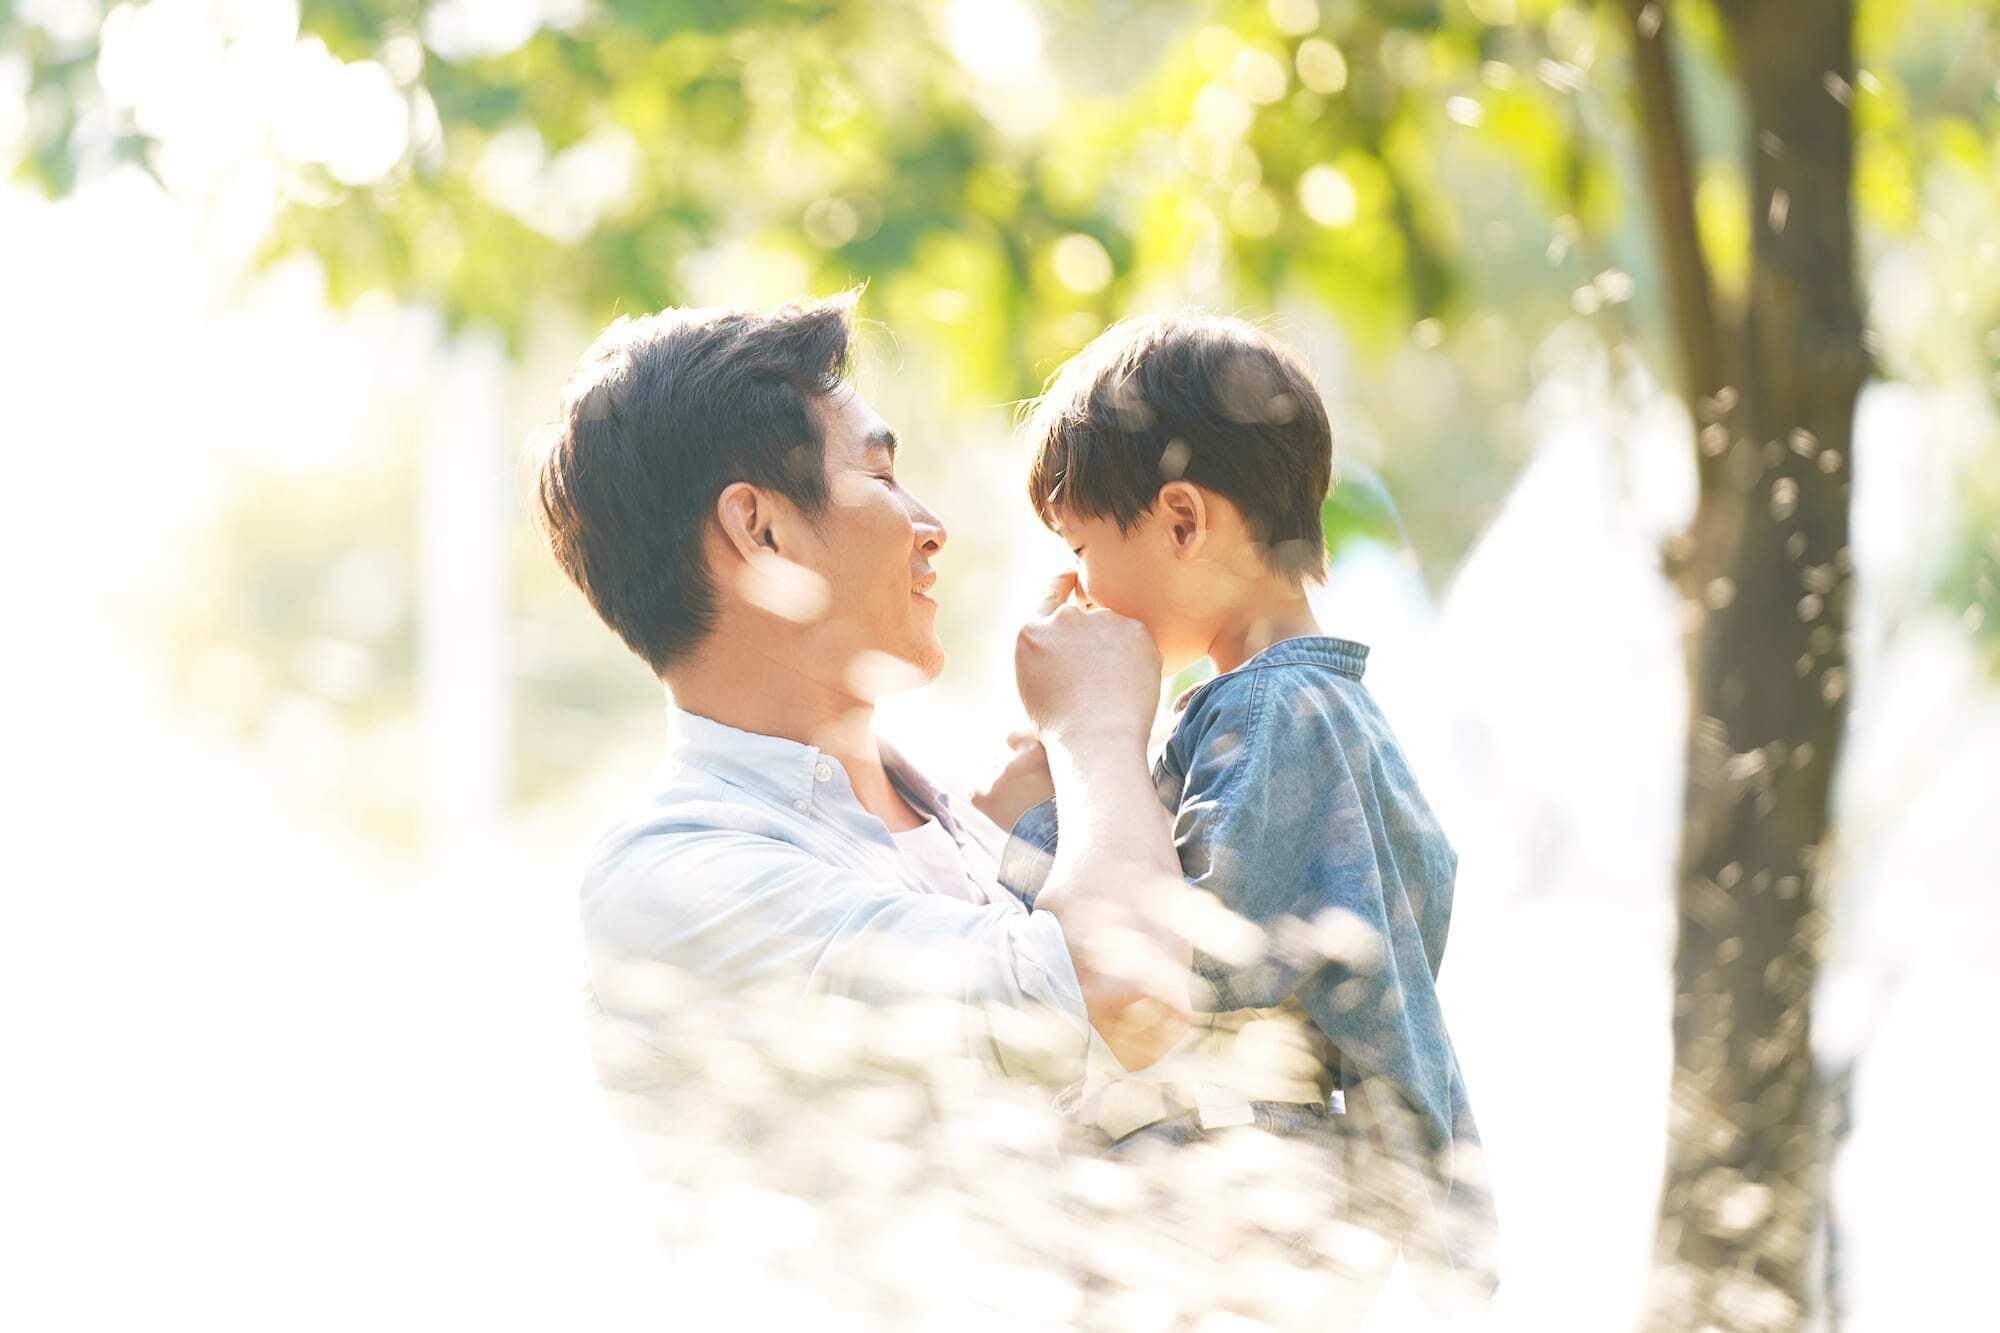 'Vừa yêu vừa ghét' cha mẹ liệu có phải là một điều khó chấp nhận?